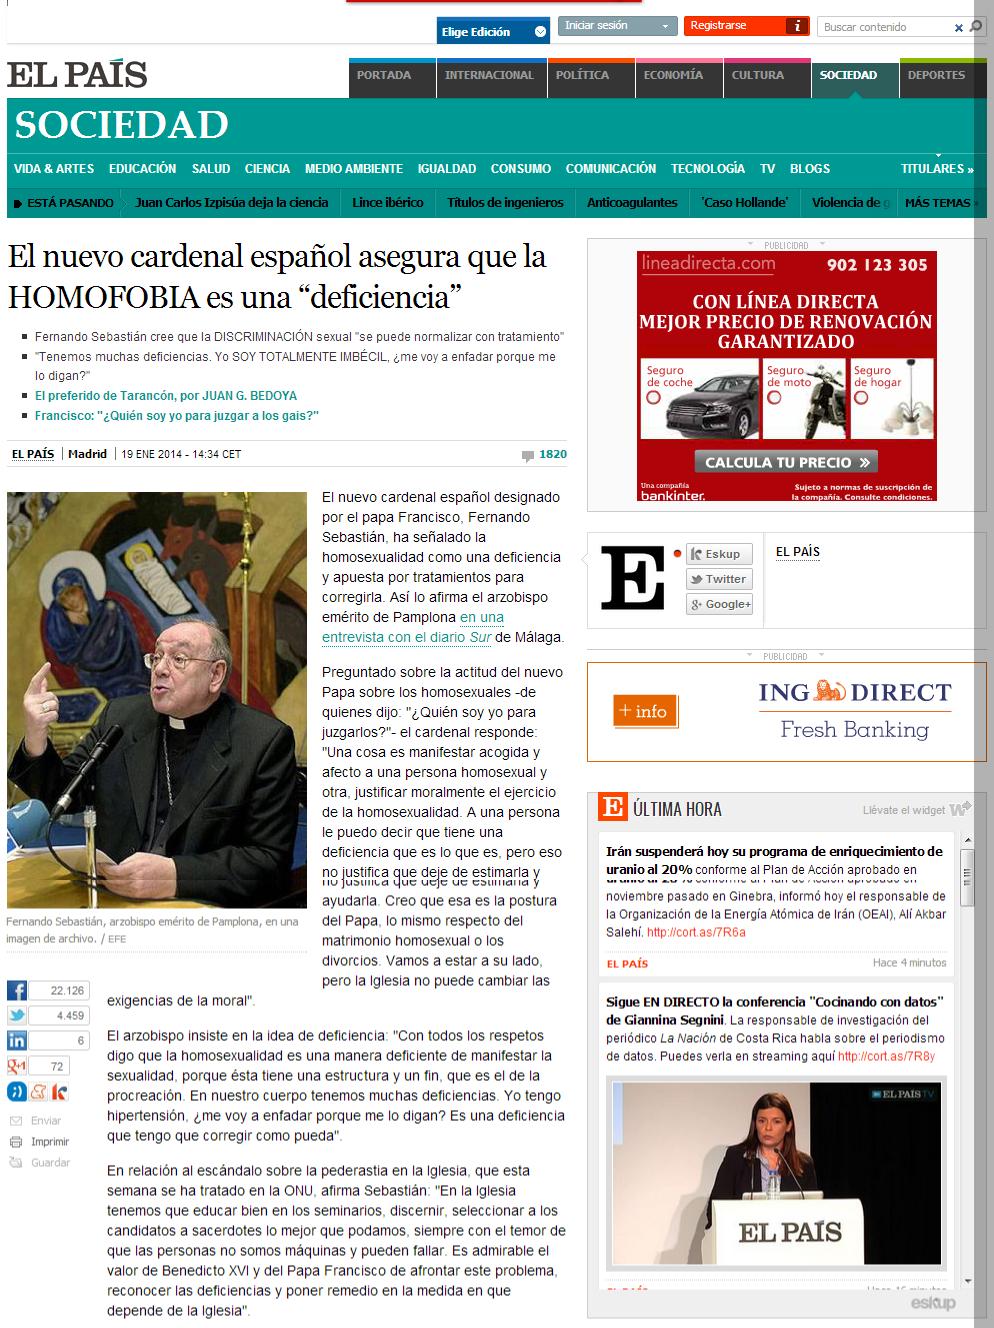 """El nuevo cardenal español asegura que la homosexualidad es una """"deficiencia""""   Sociedad   EL PAÍS"""